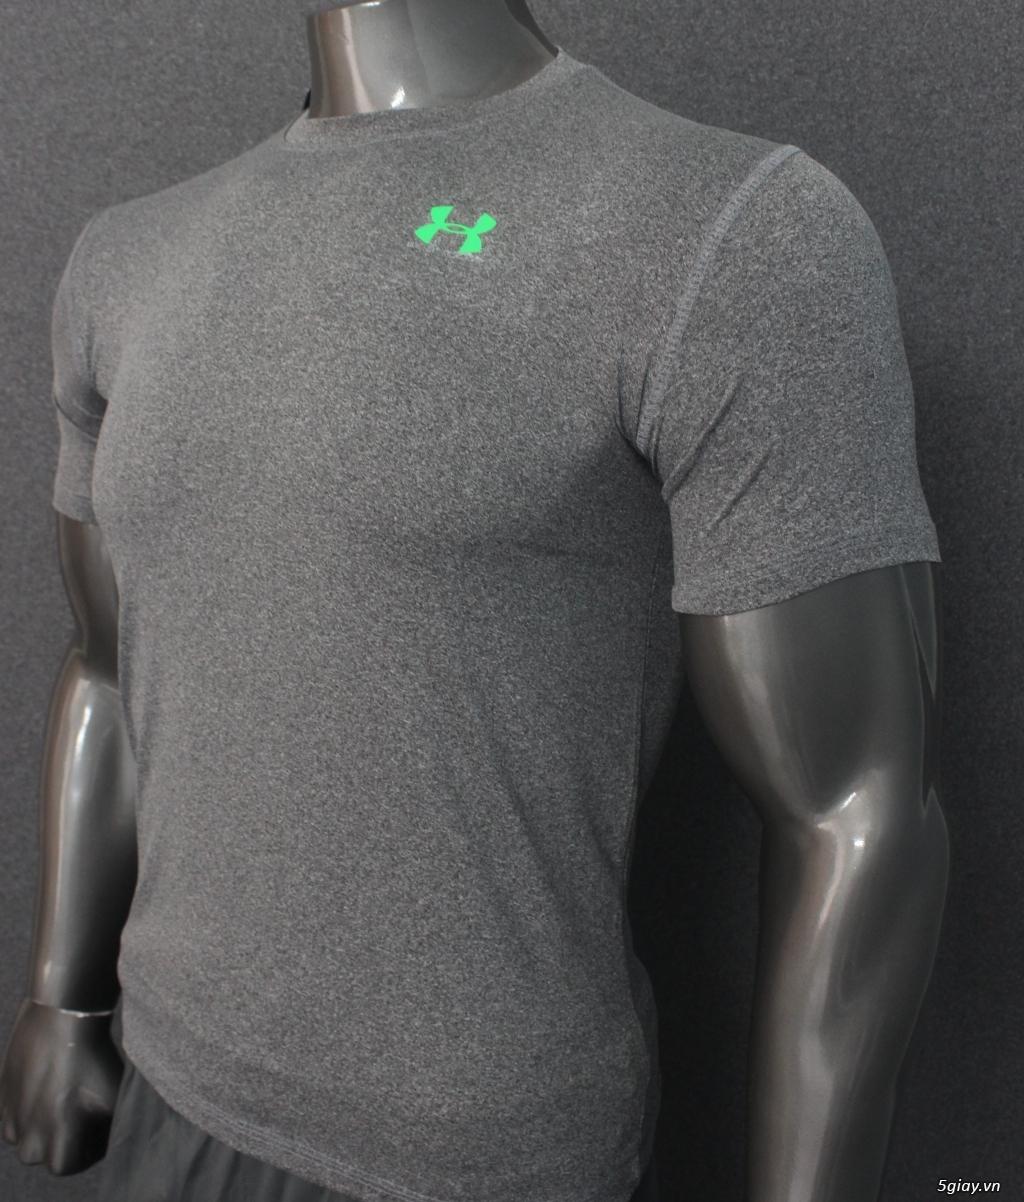 Chuyên cung cấp quần áo thể thao Adidas,Nike,Under Armour,Puma...trên Toàn Quốc giá xưởng - 26